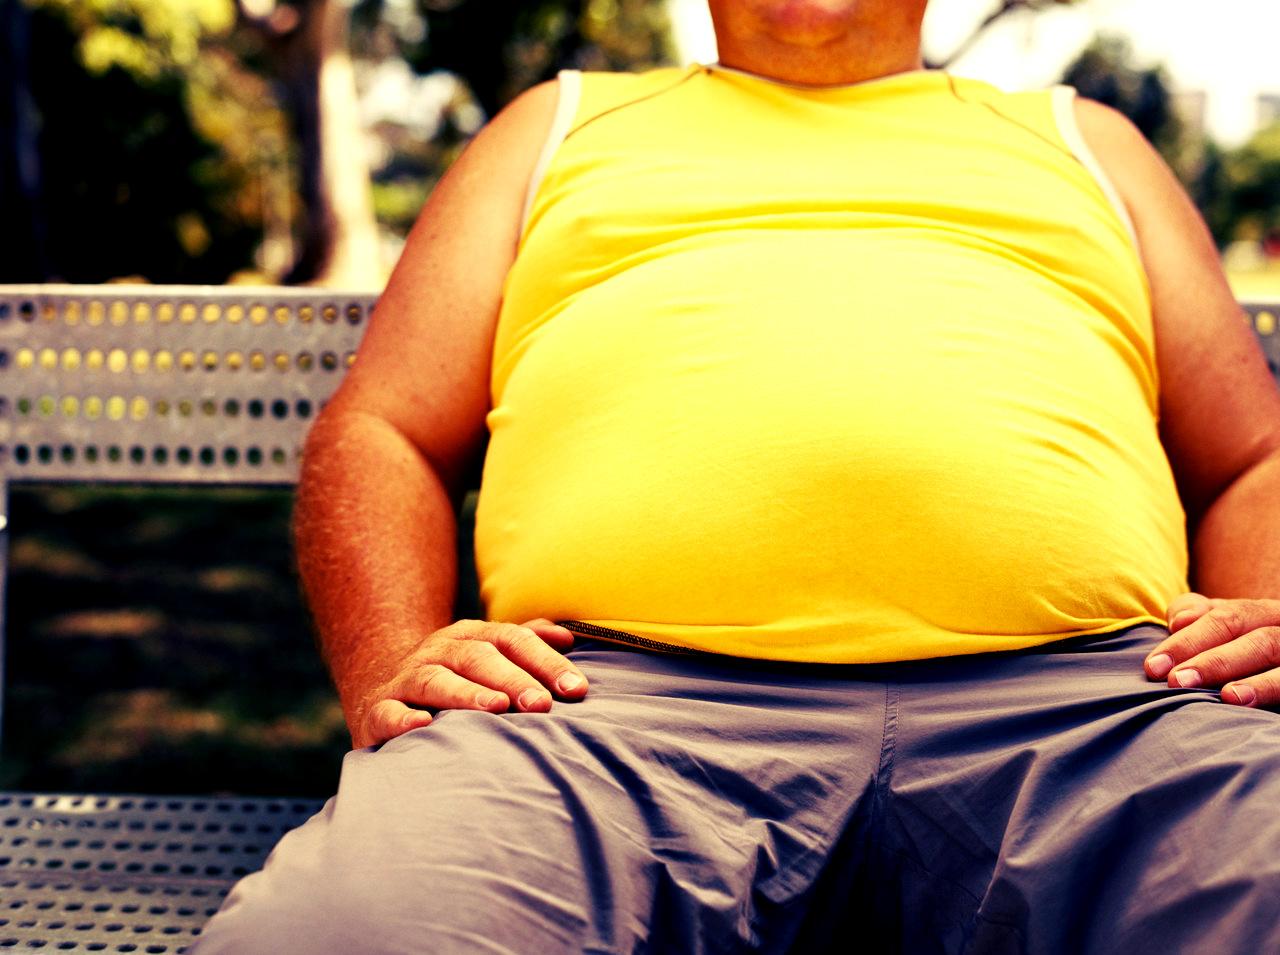 Los malos efectos de la obesidad